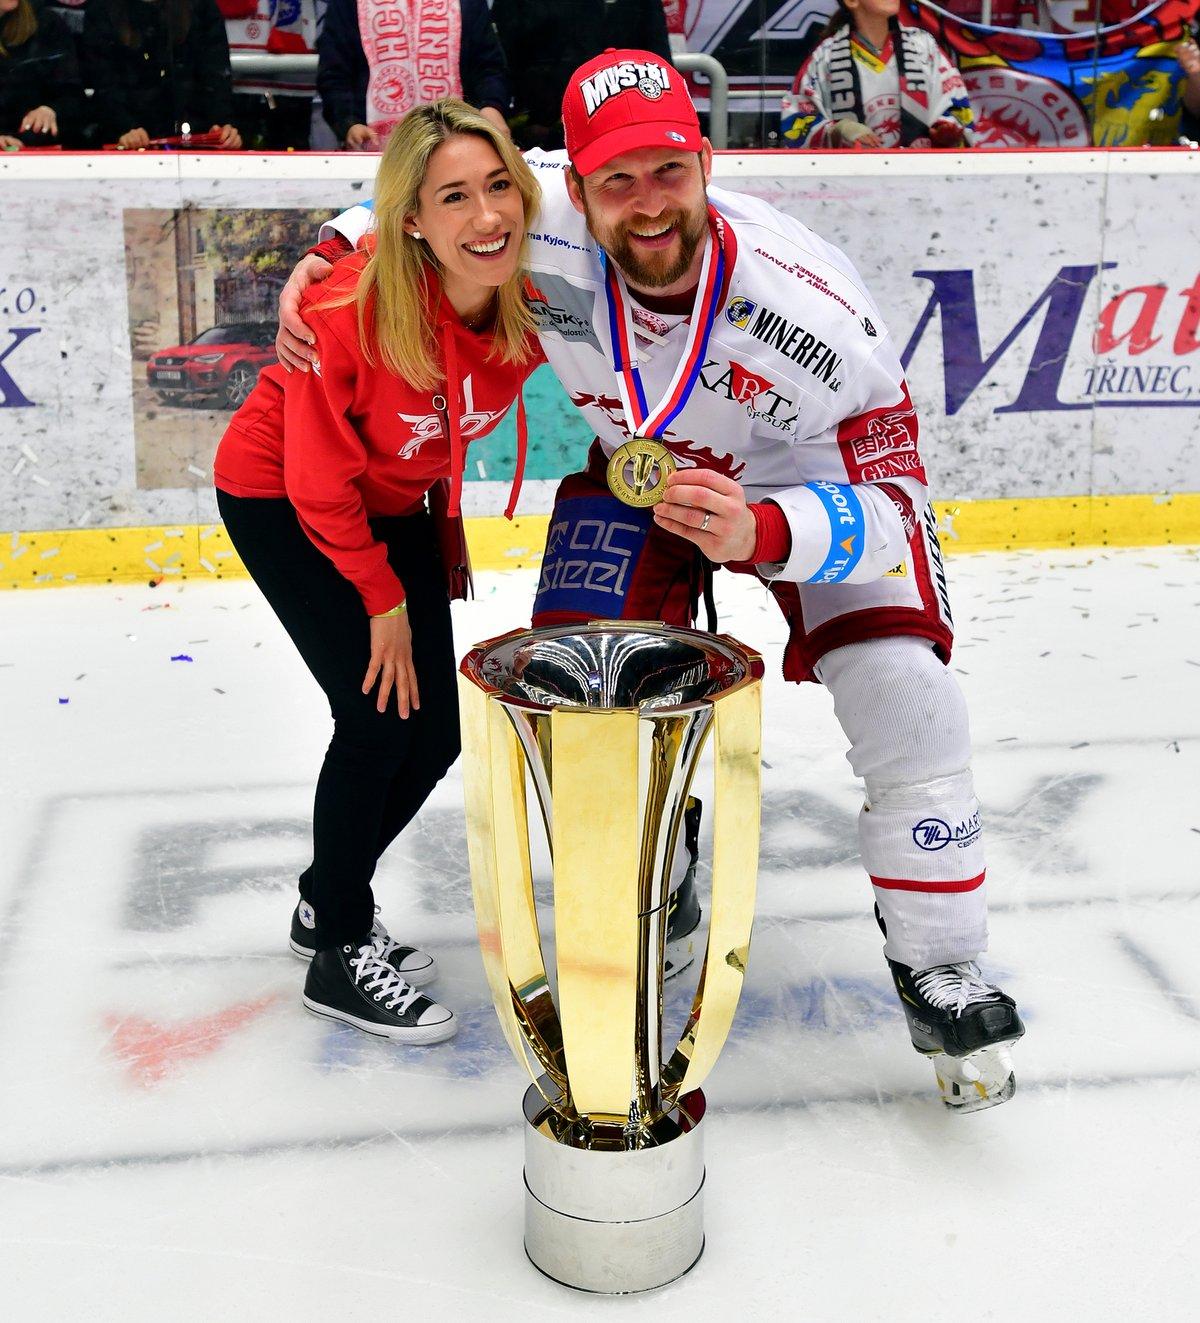 Jeden z nejlepších extraligových hokejistů Petr Vrána tragicky přišel o manželku Lindsey.